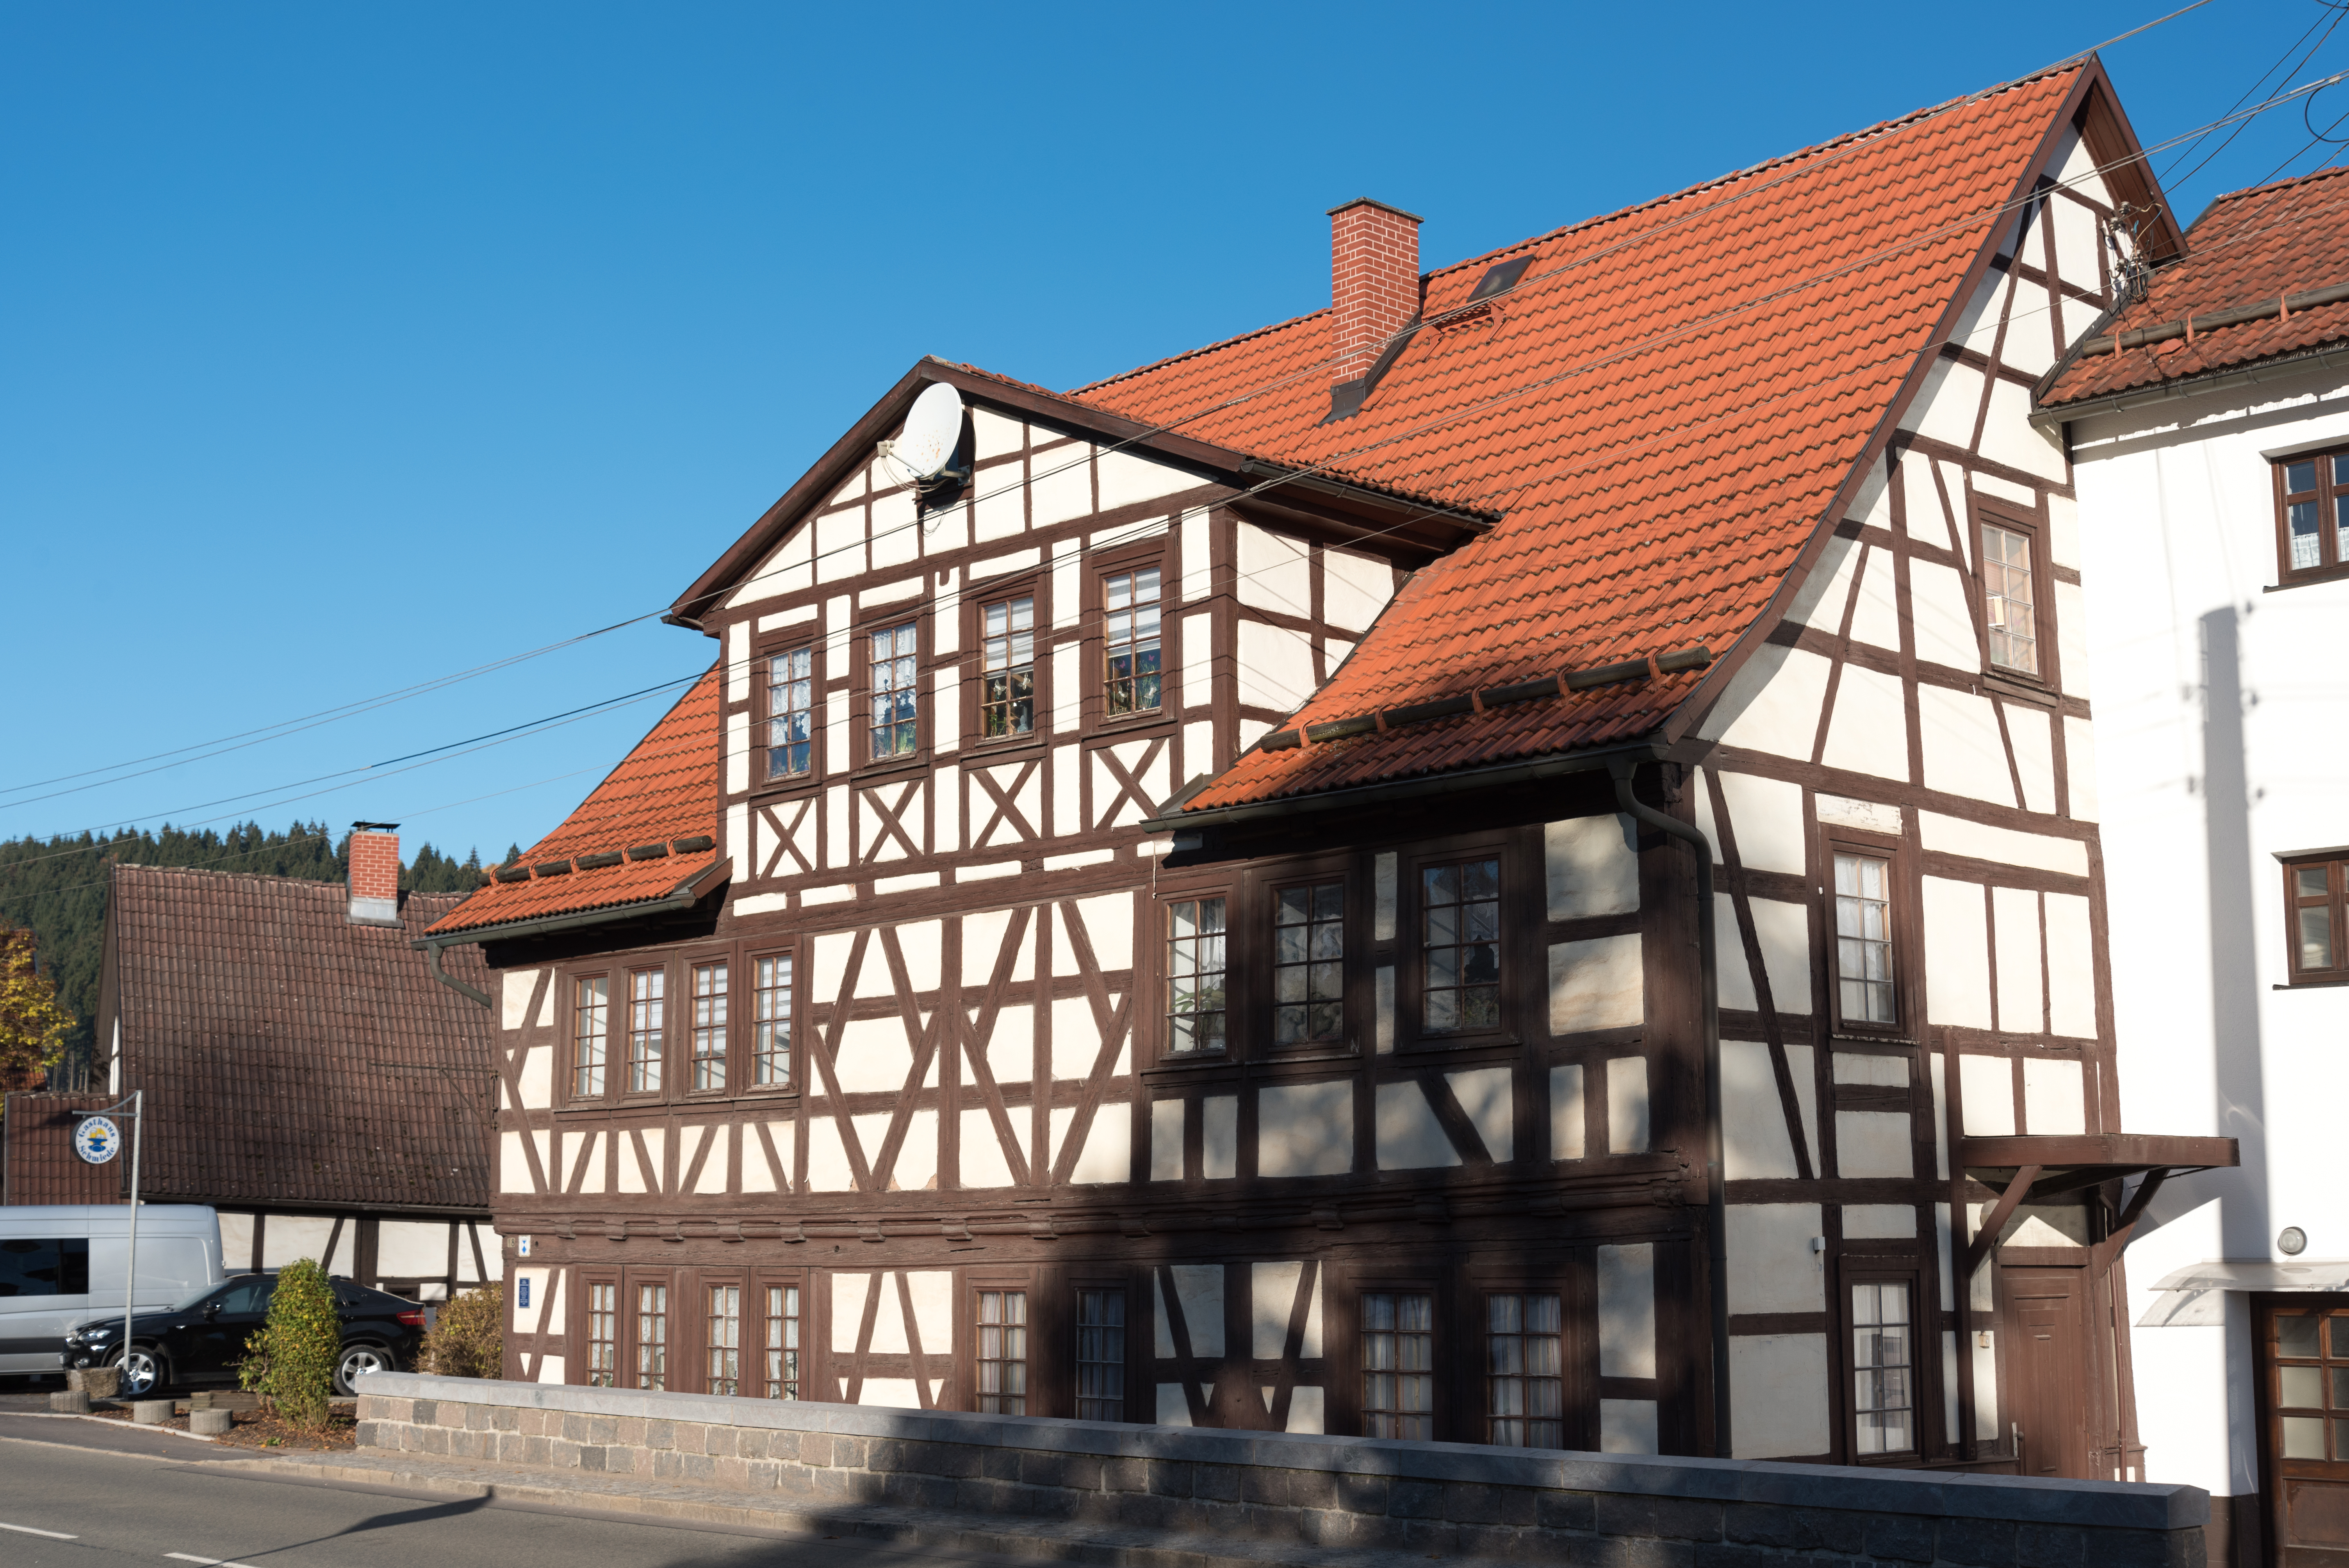 file suhl mäbendorf hauptstraße 18 20151102 001 jpg wikimedia